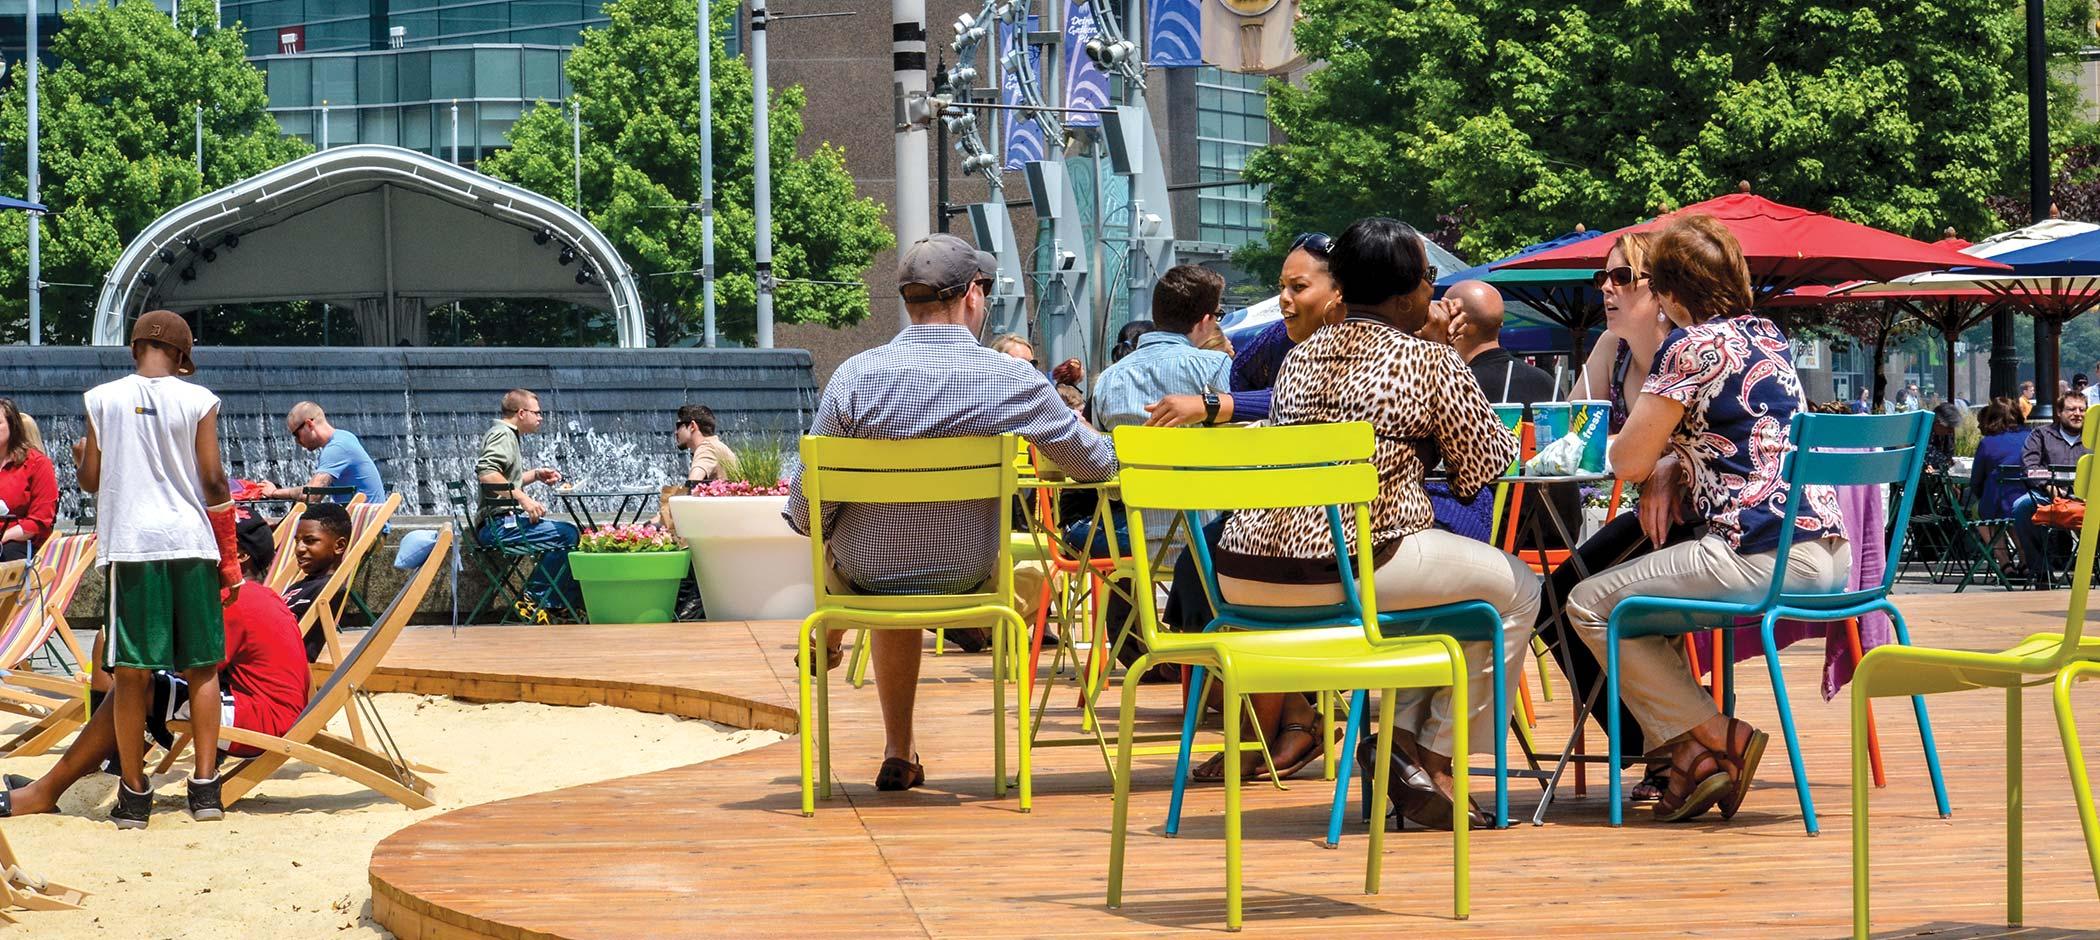 Campus Martius Park in the summer